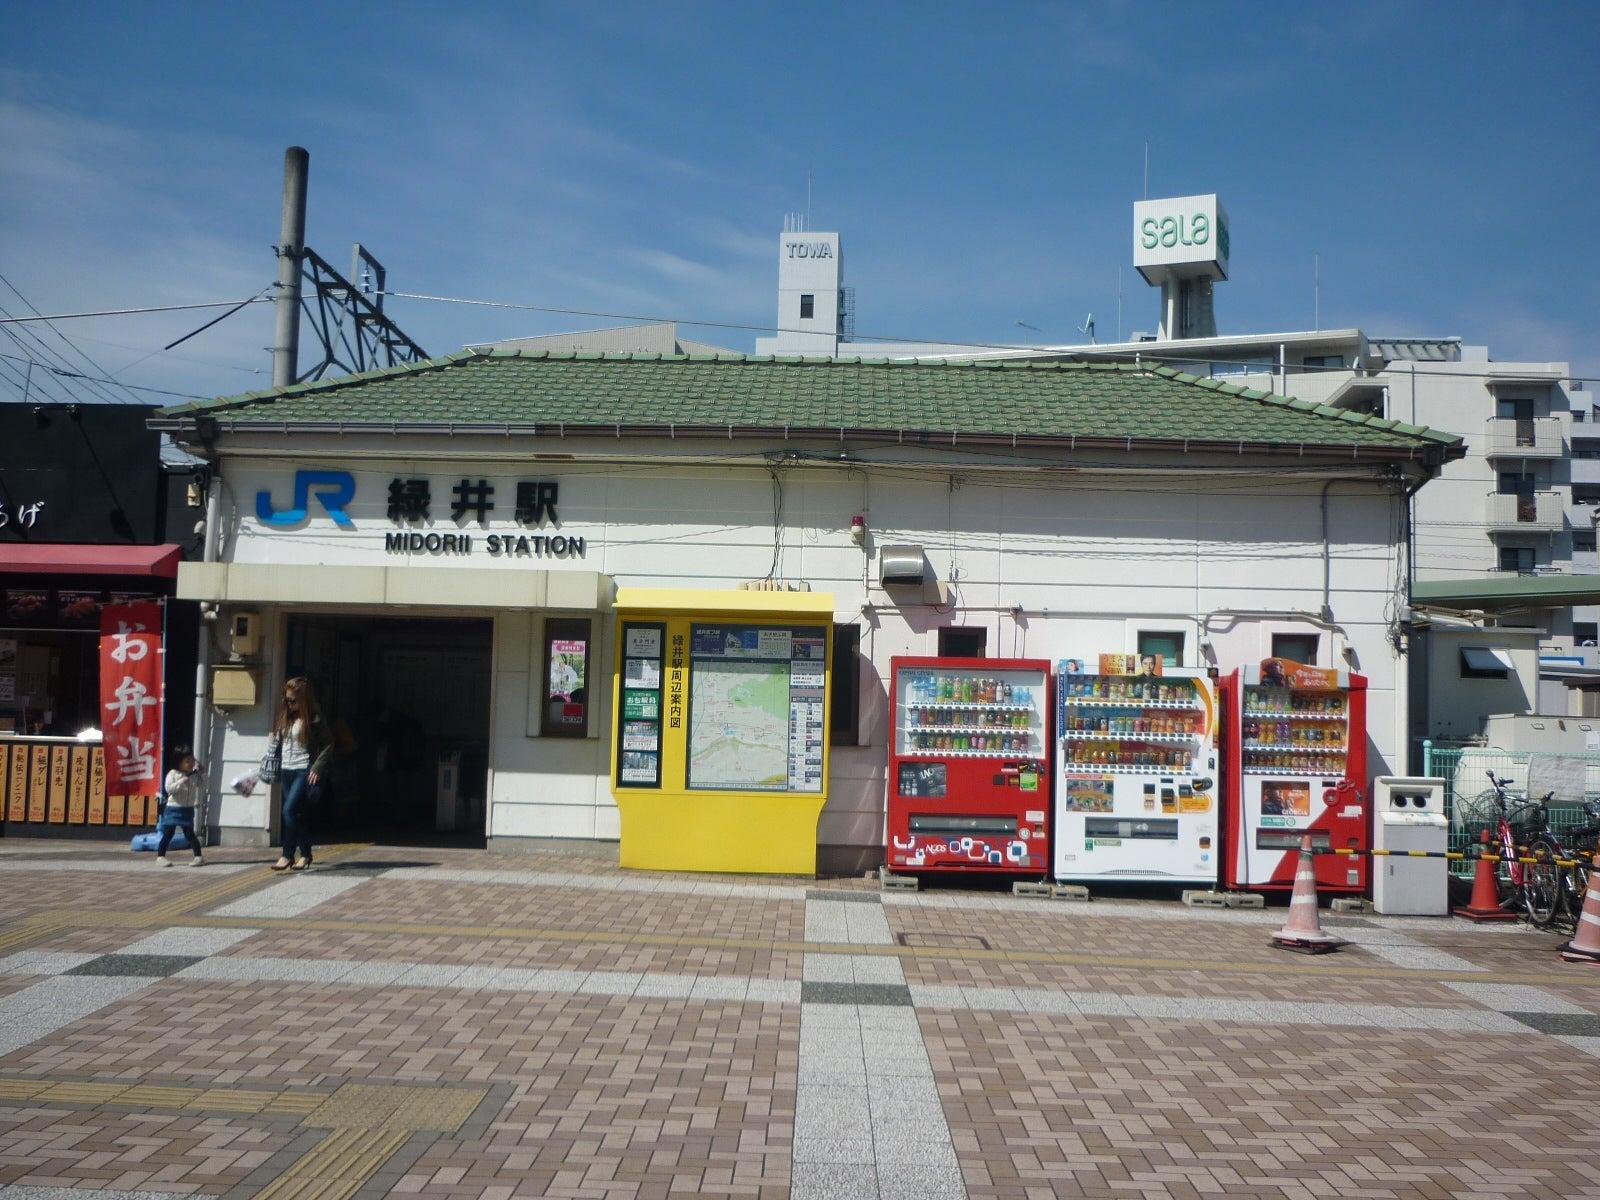 可部線緑井駅 | SDM48のブログ